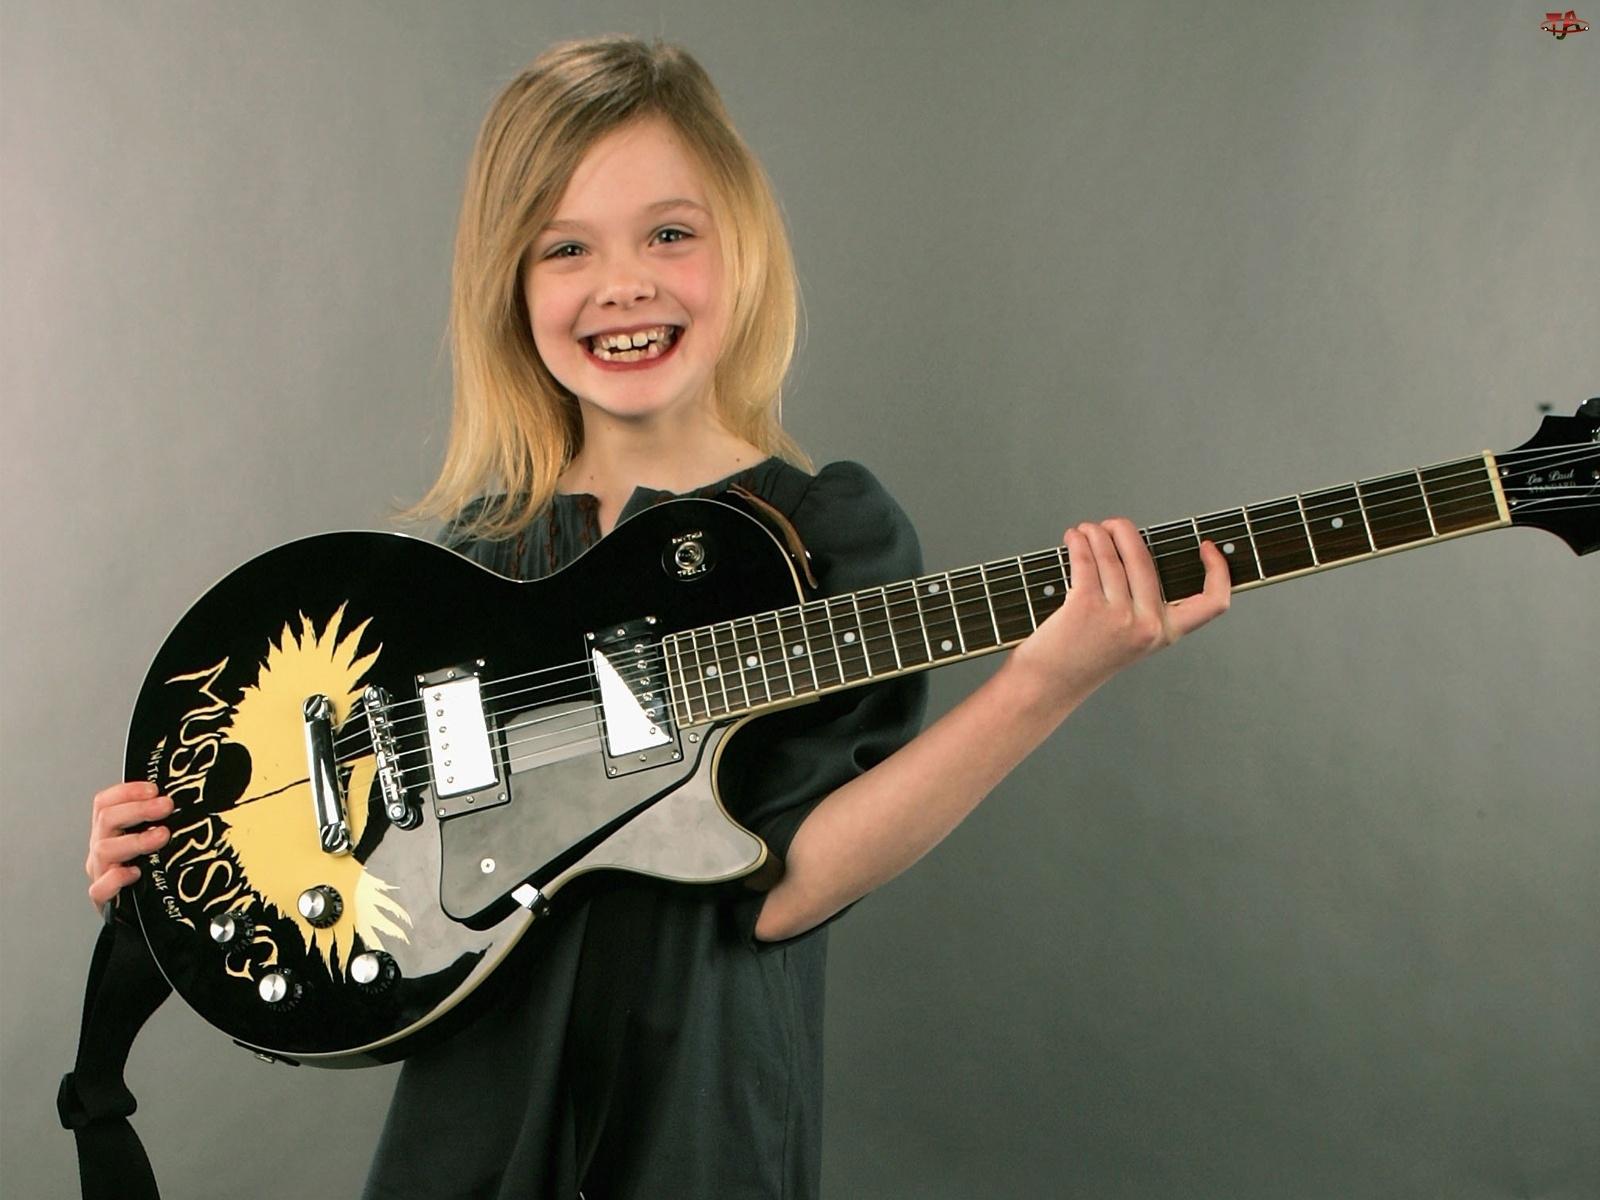 Gitara, Elle Fanning, Aktorka